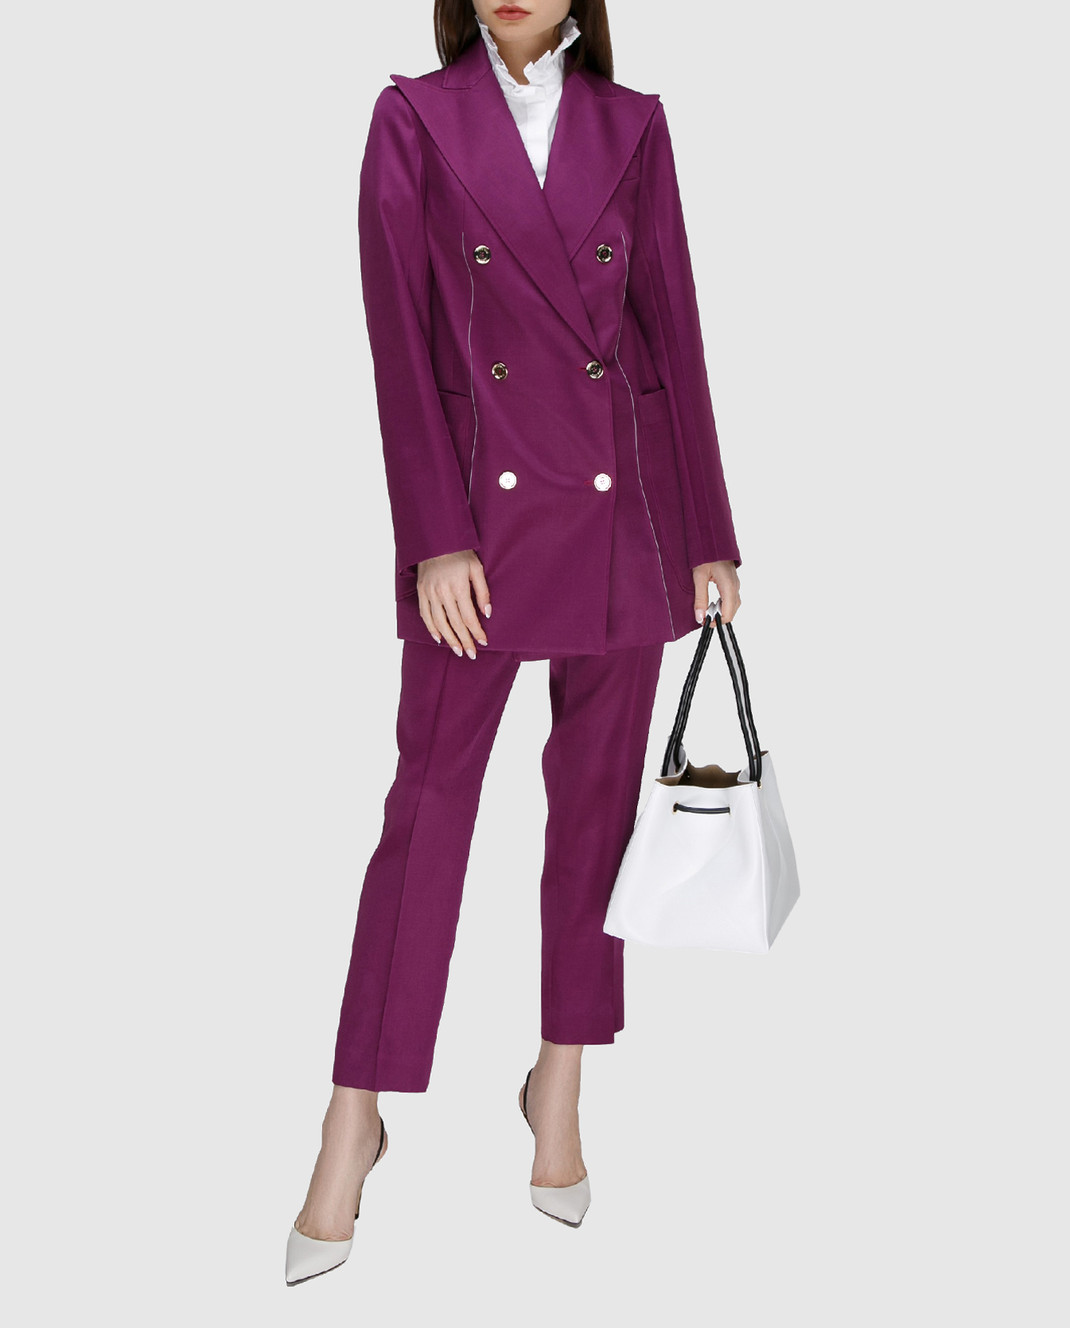 NINA RICCI Фиолетовый жакет из шерсти и шелка 17ECVE017WV0212 изображение 2